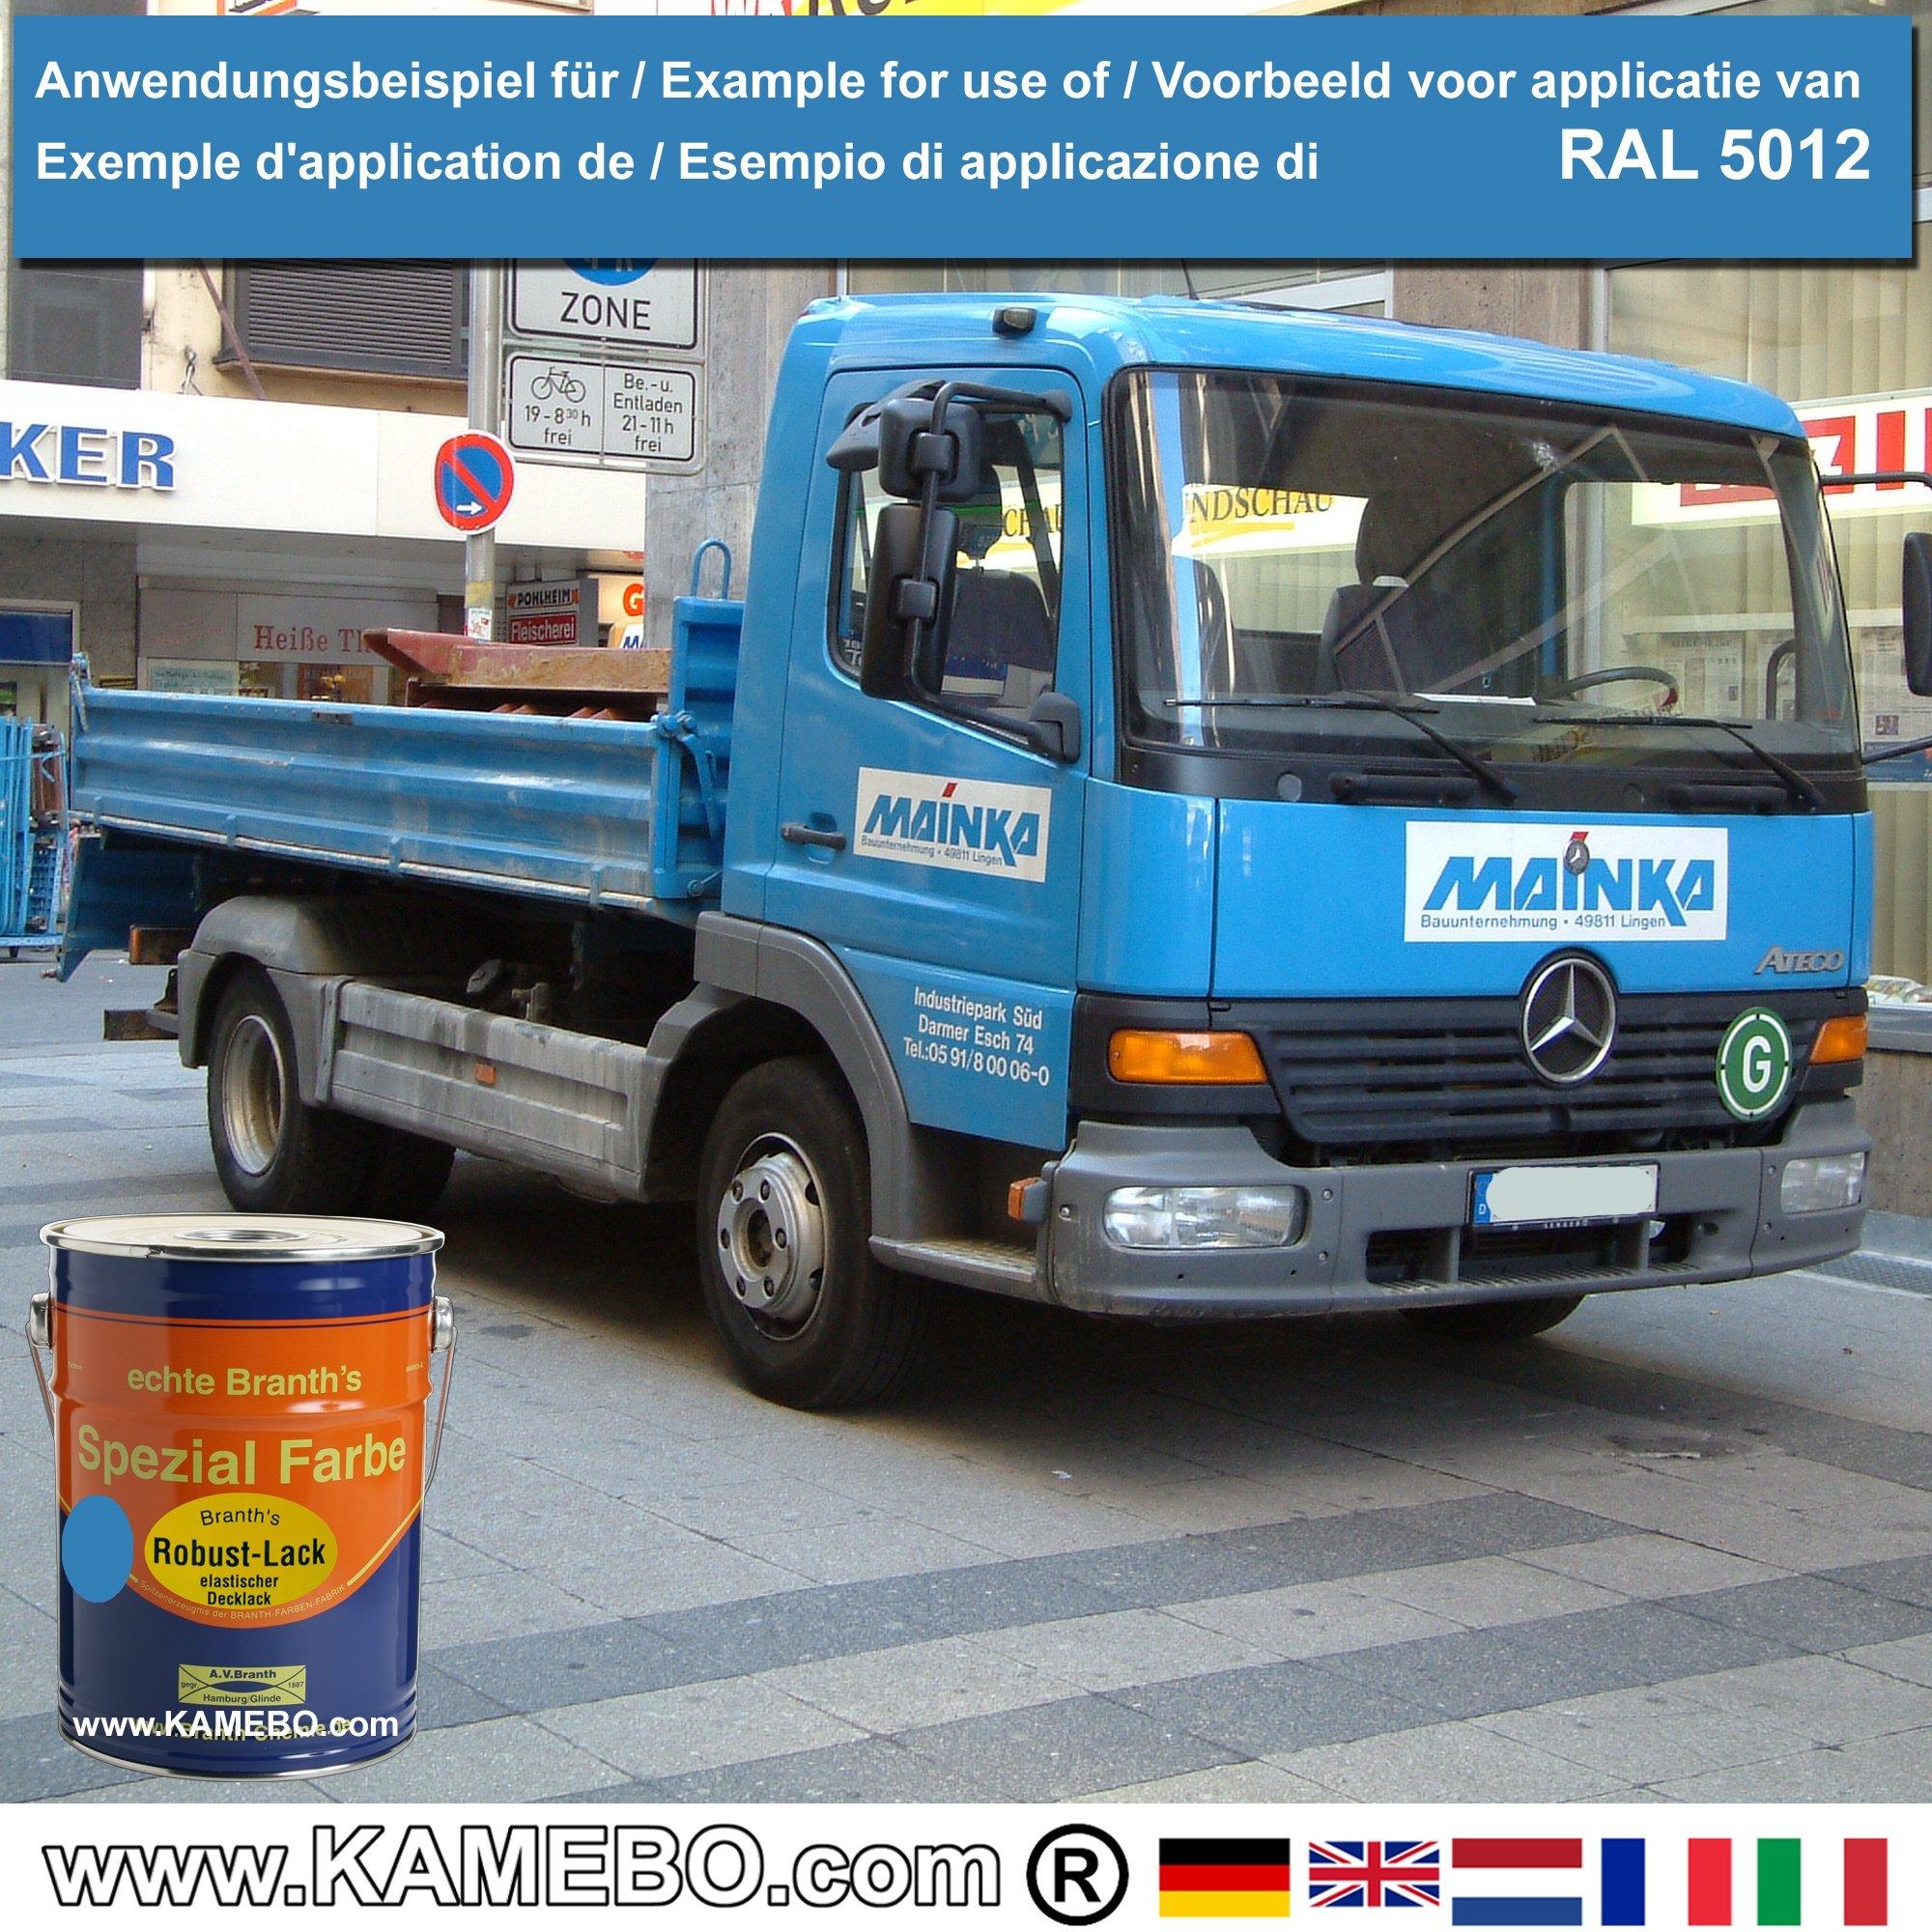 BRANTH's ROBUST LACK Metallschutzlack RAL 5012 Lichtblau 5